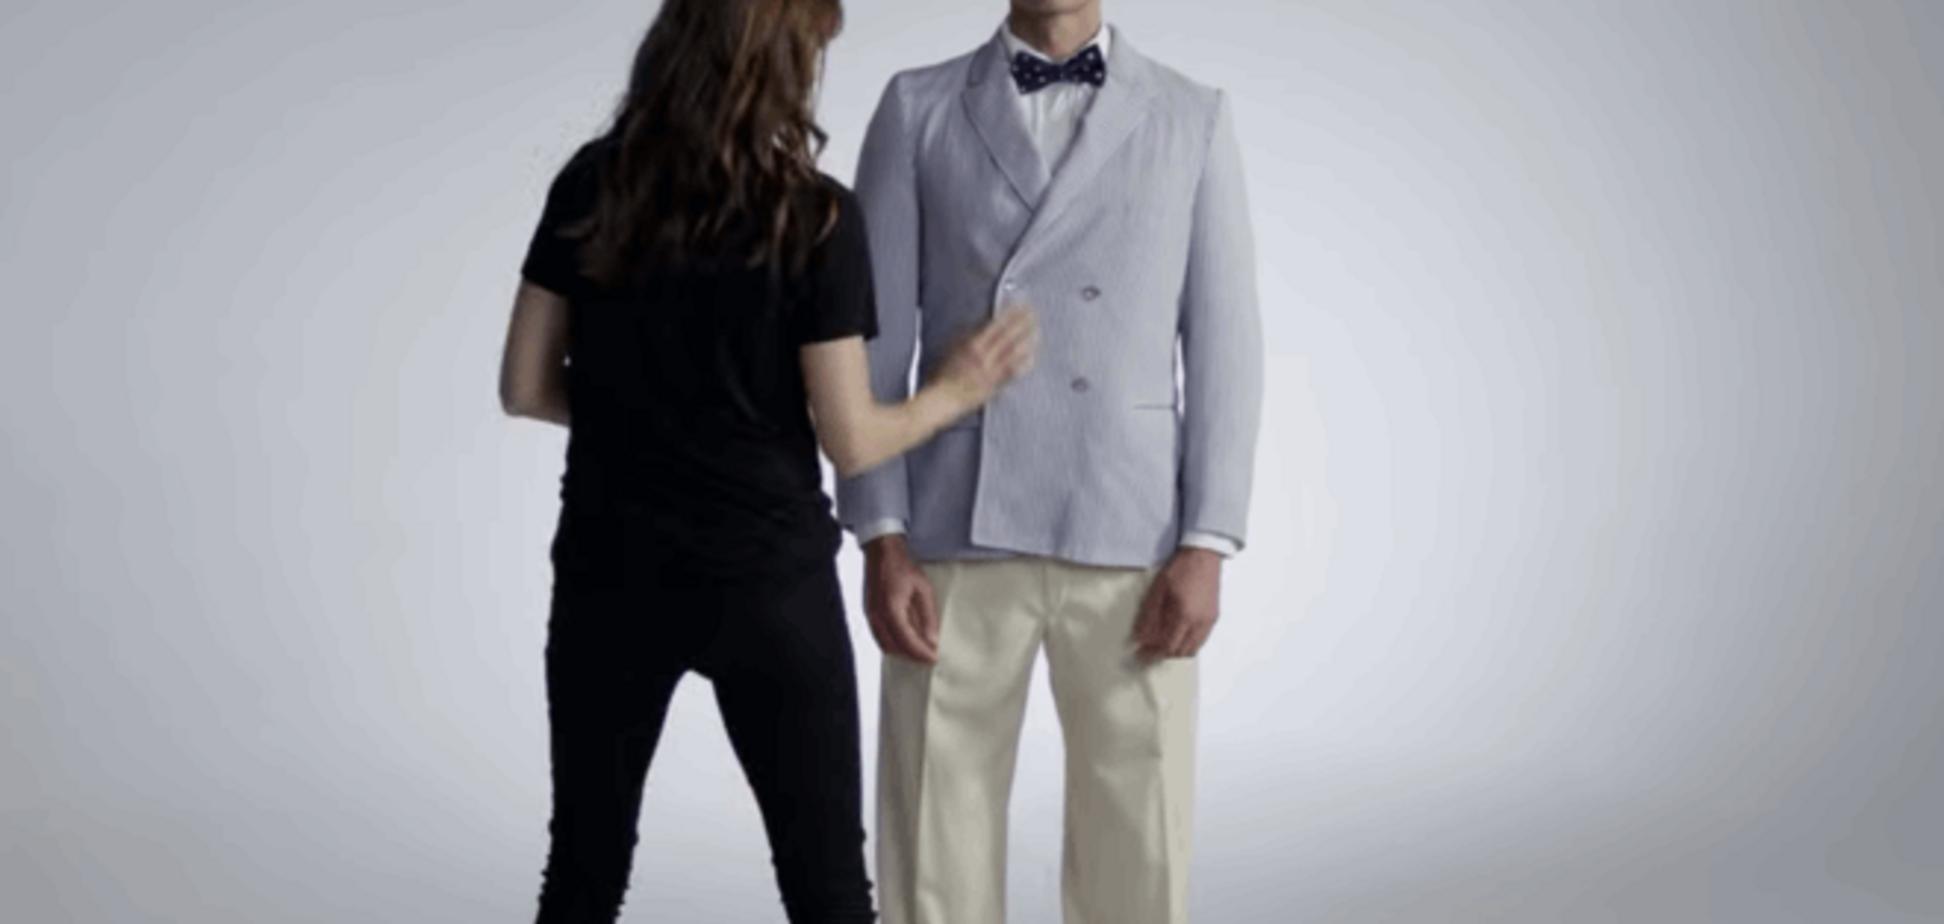 Відео про 100 років чоловічої моди за десять днів стало хітом YouTube